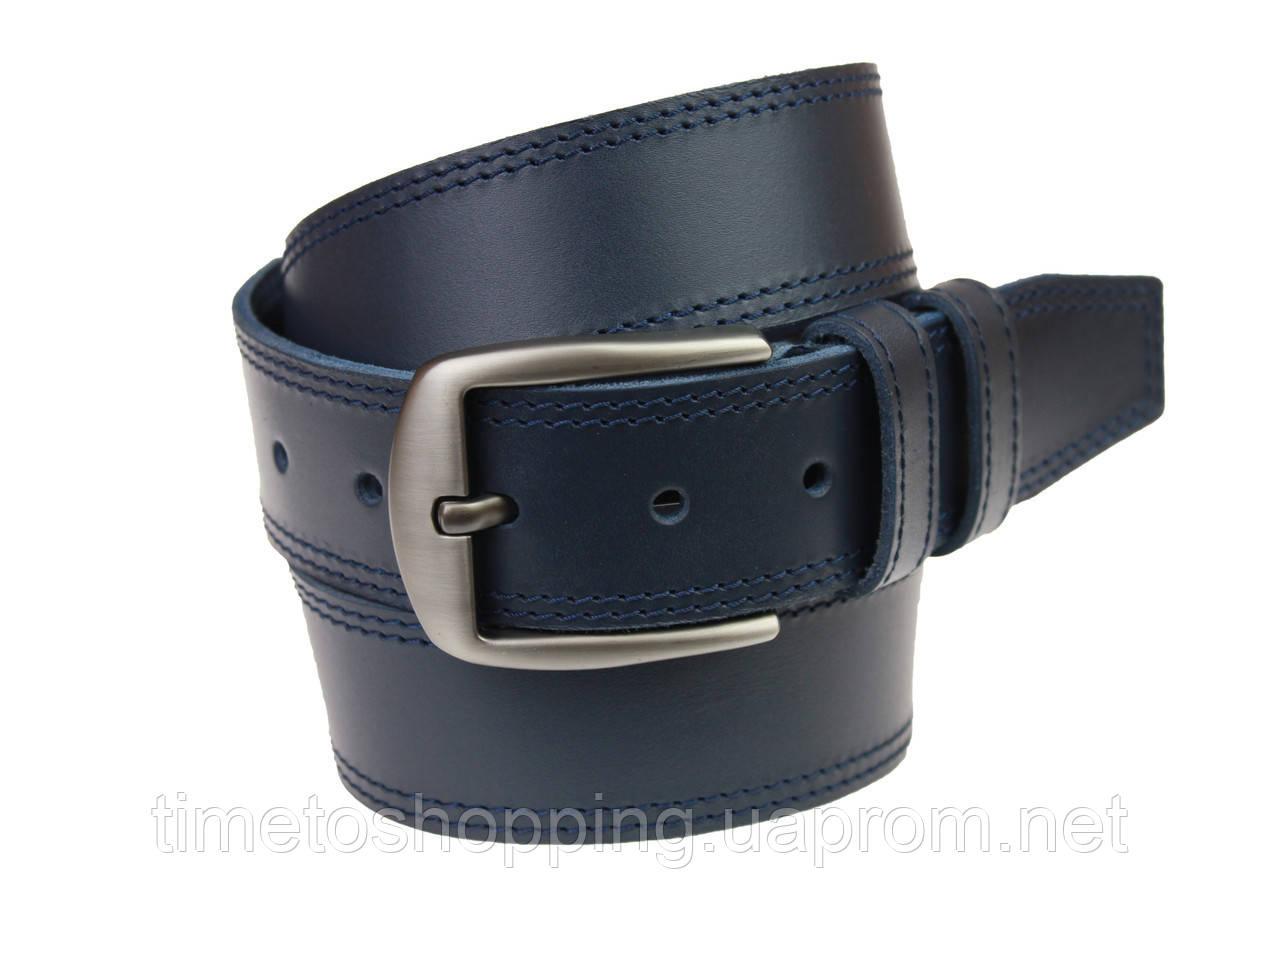 Ремень мужской кожаный джинсовый двойная строчка SULLIVAN  RMK-85(8) 115-150 см синий